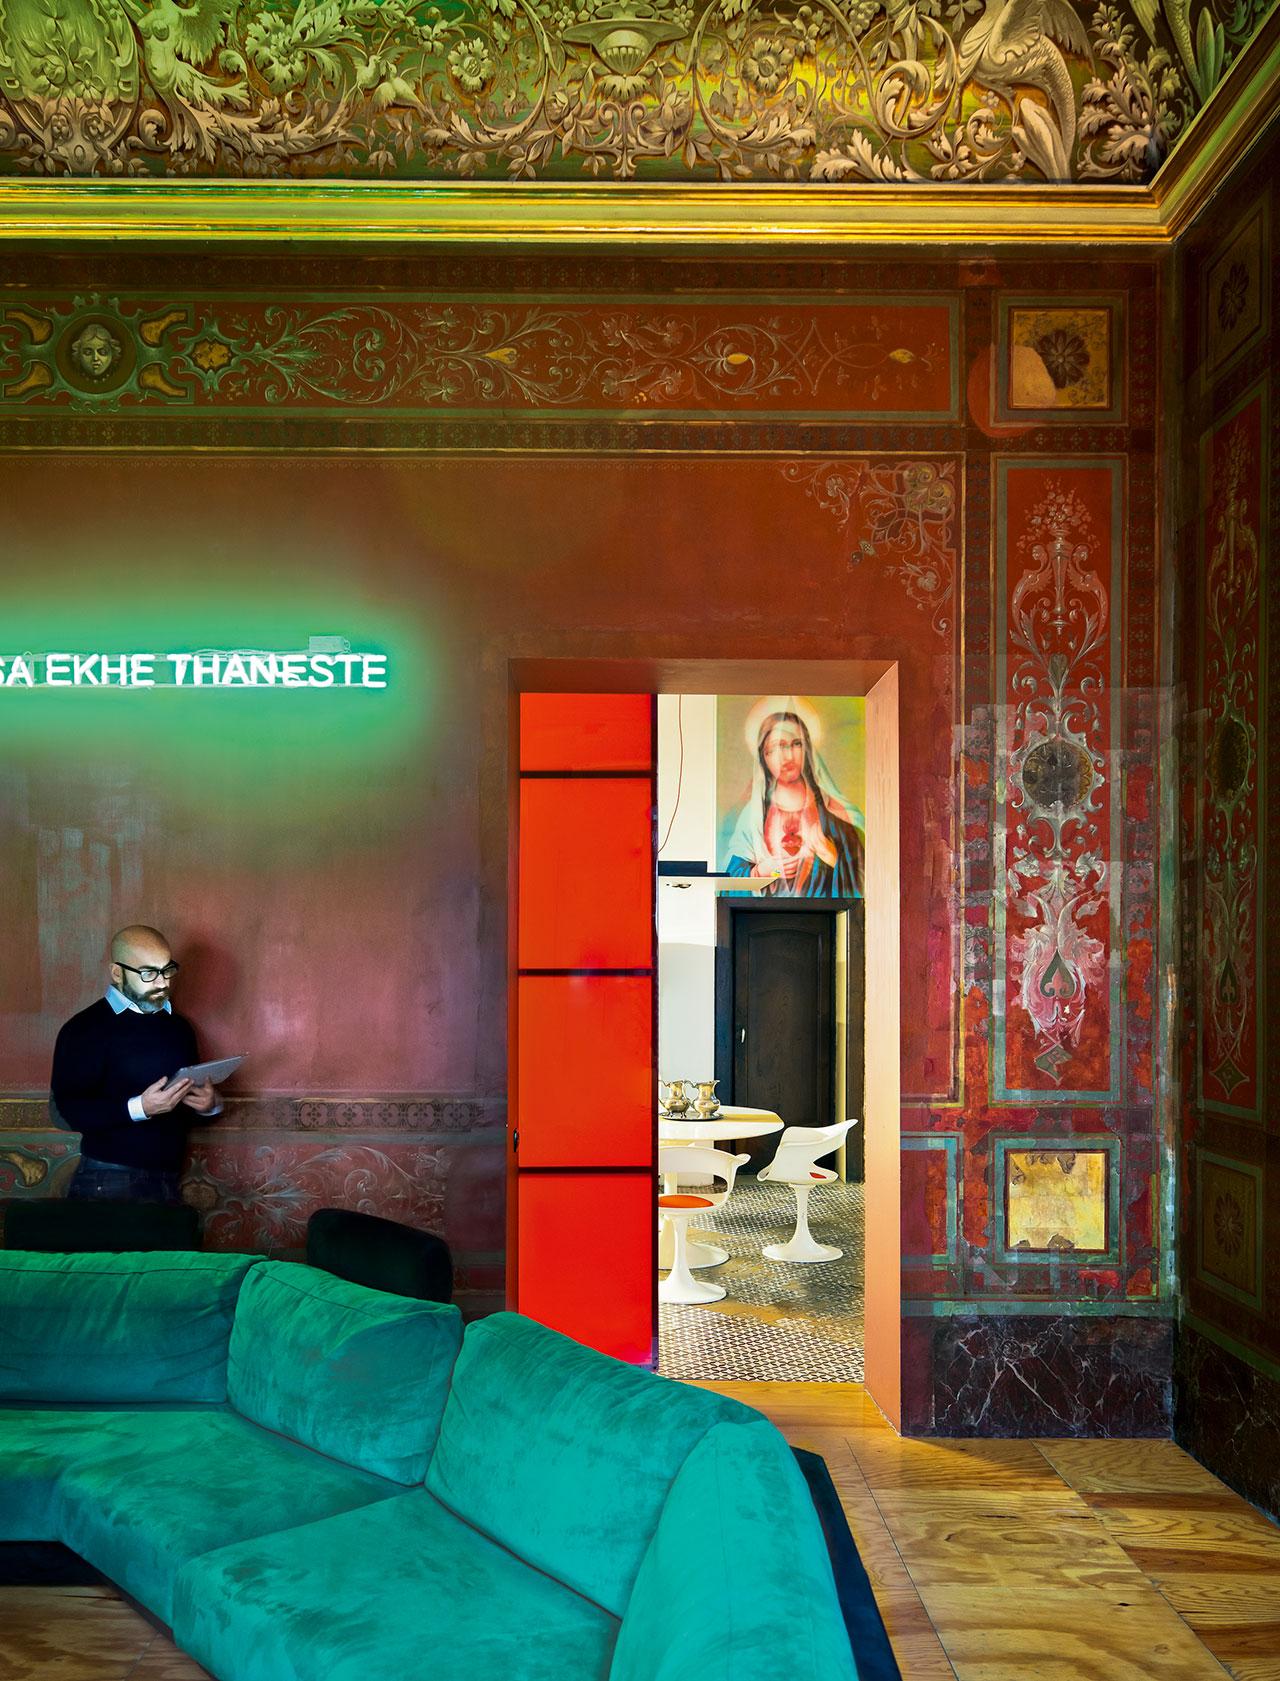 STUDIO NEL SUD,Naples, Italy.InteriorDesign byAntonio Giuseppe Martiniello (Keller Architettura), Photography byKasia Gatkowska, fromKaleidoscope©Gestalten2016.